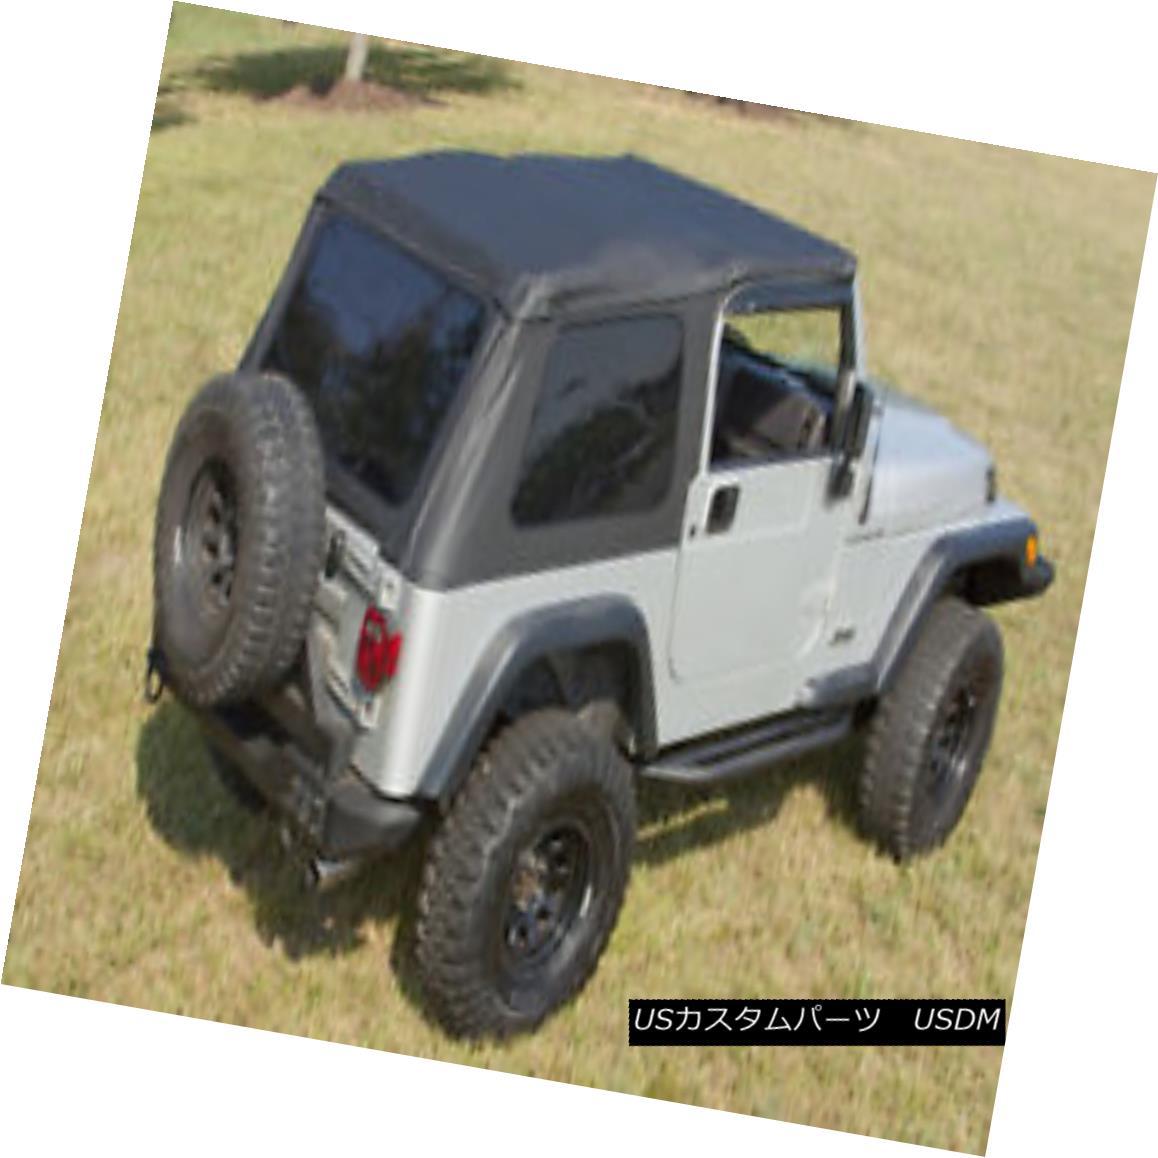 幌・ソフトトップ Rugged Ridge 13750.35 Bowless XHD Soft Top Black Diamond 97-06 Jeep Wrangler Rugged Ridge 13750.35 Bowless XHDソフトトップブラックダイヤモンド97-06ジープラングラー